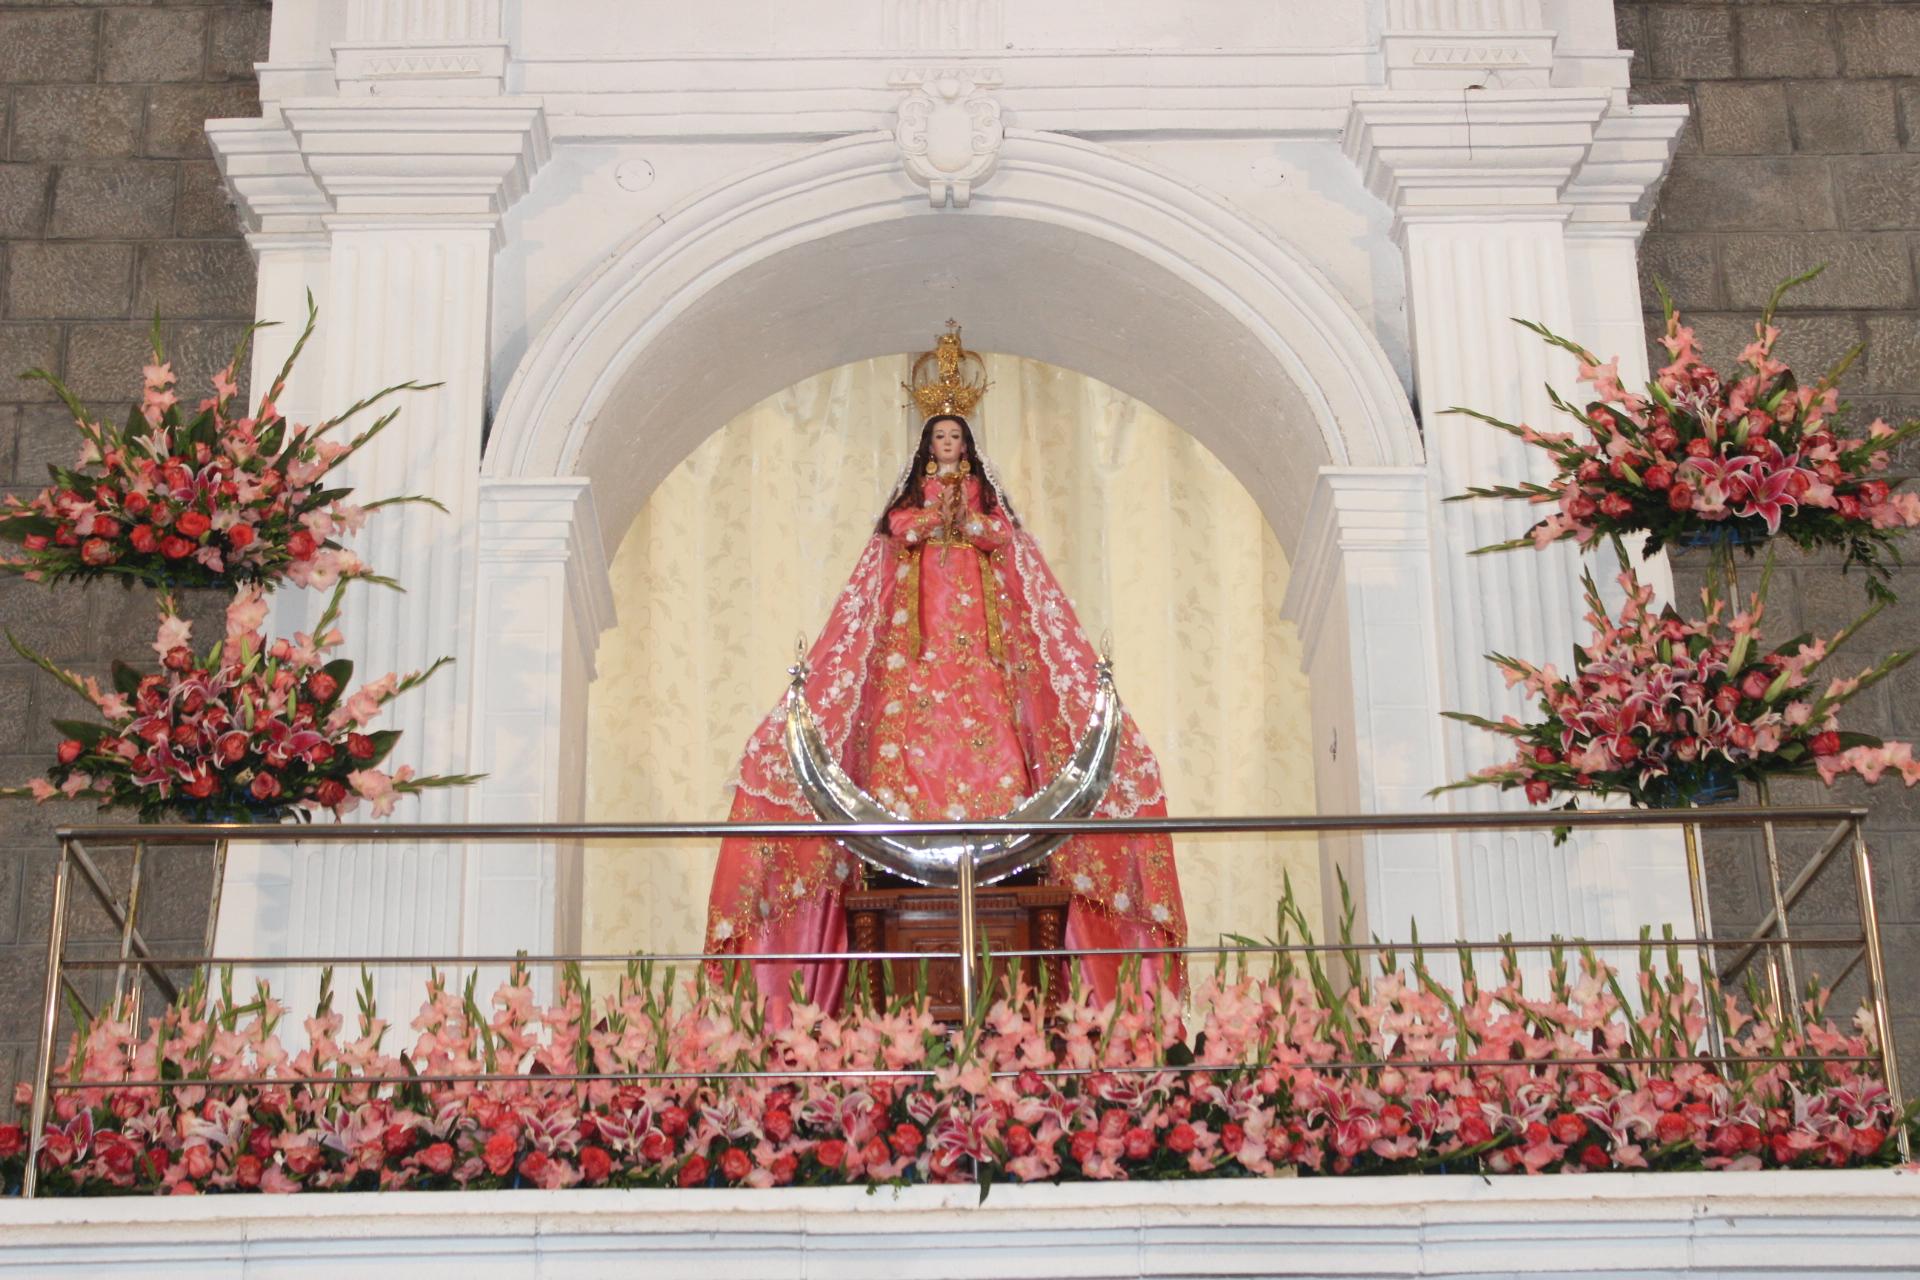 La Esperanza: Realizarán procesión con la Virgen de la Puerta, en el Día Mundial de las Personas con Discapacidad